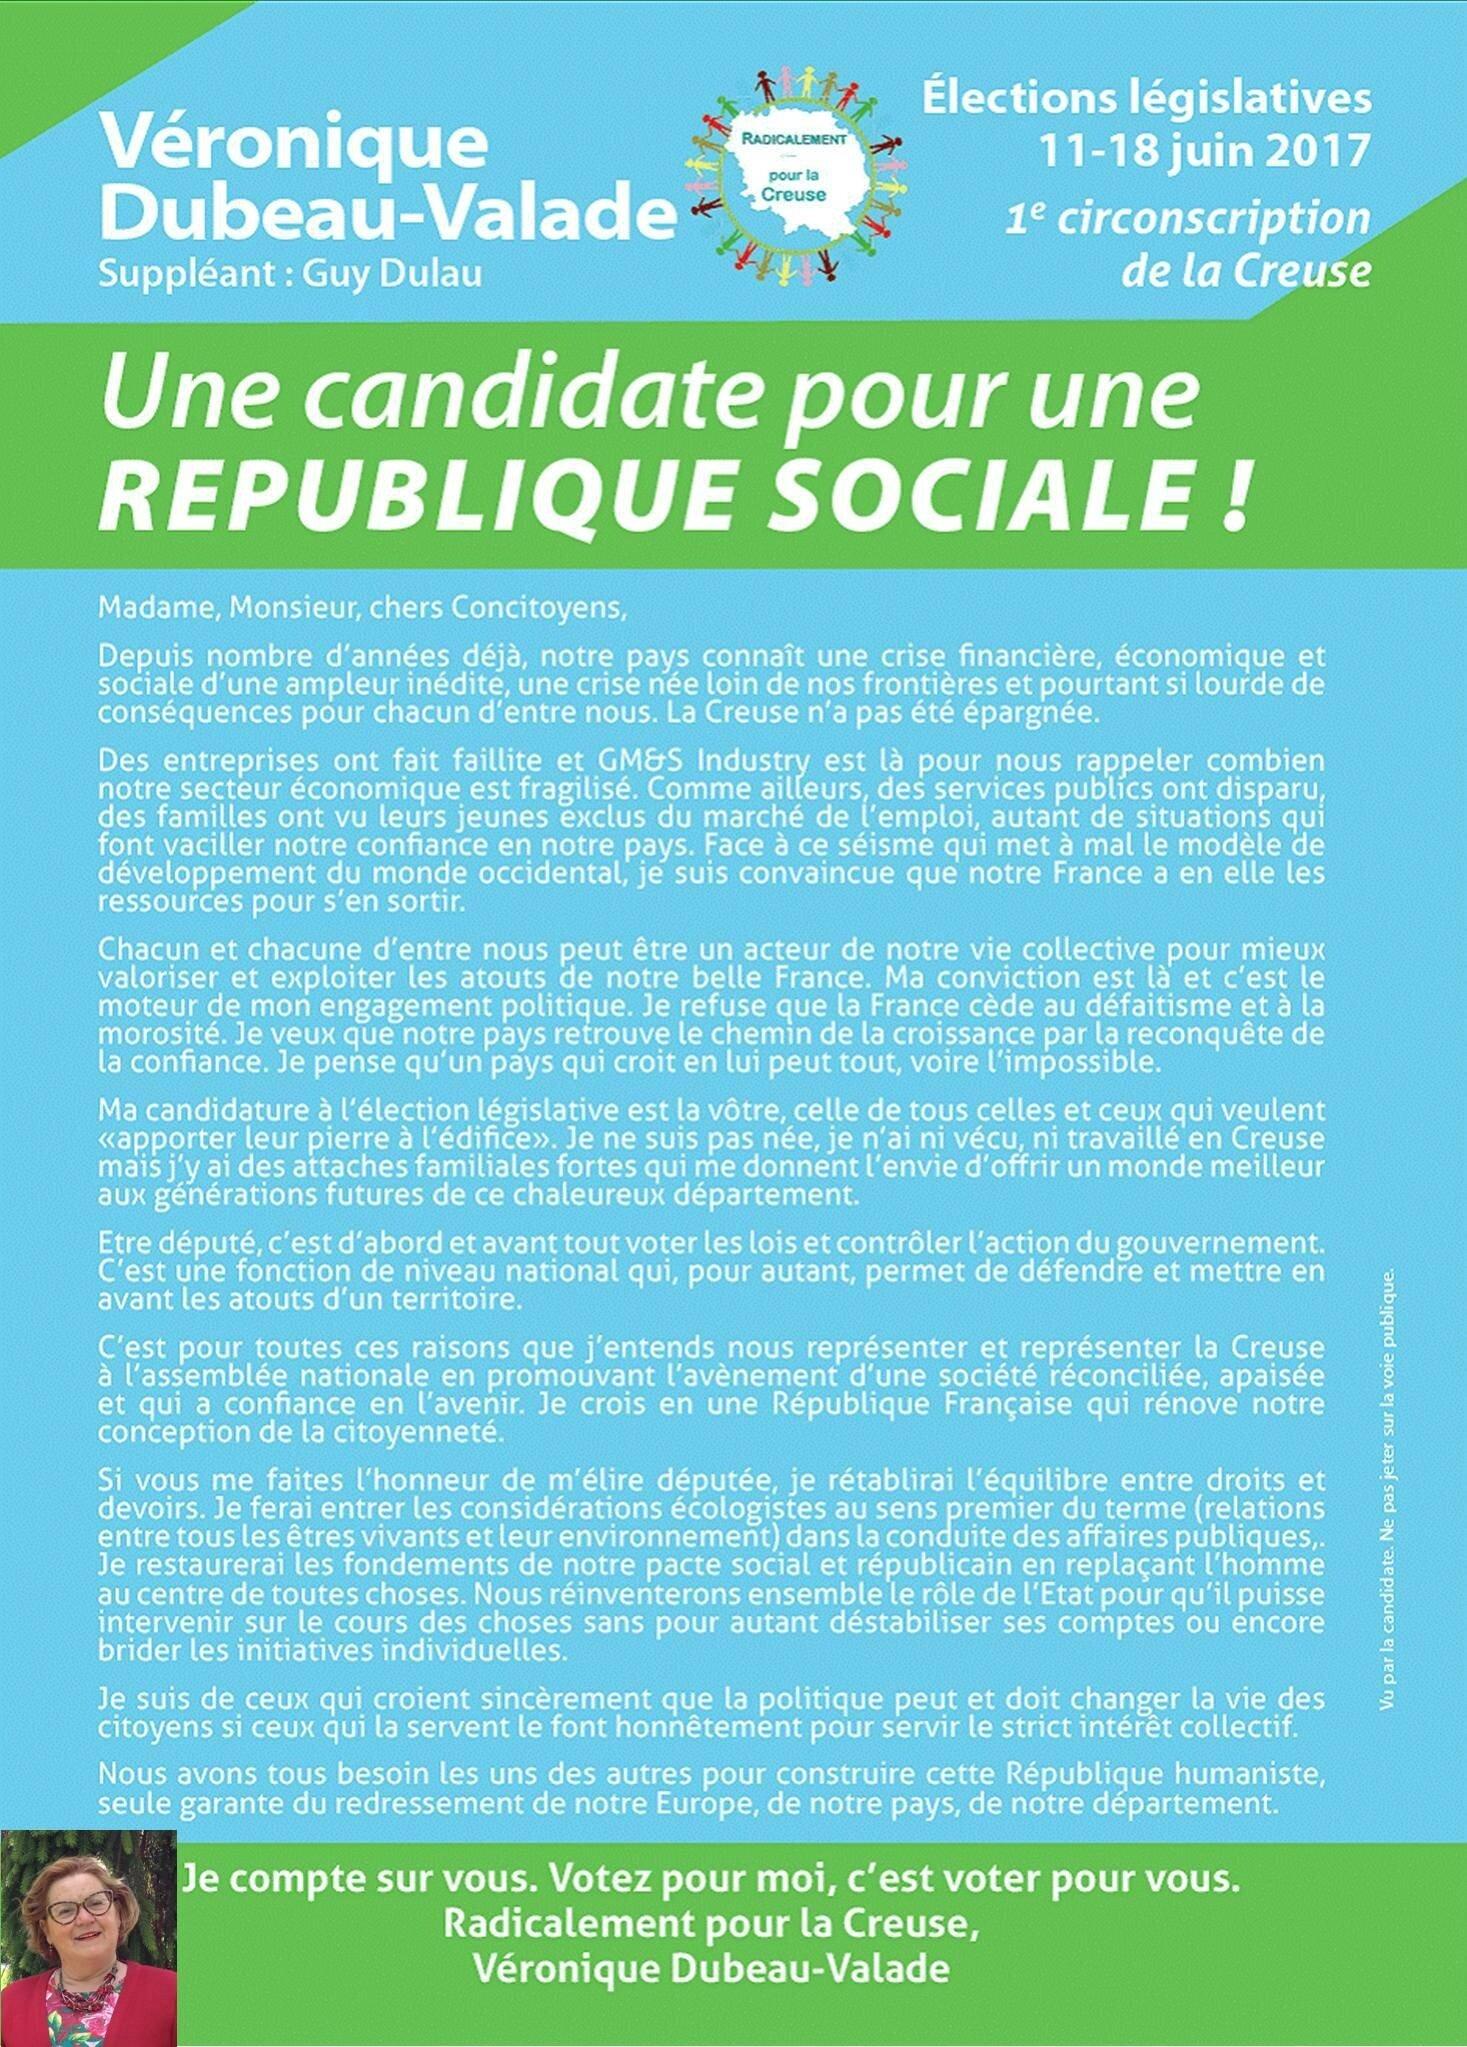 Pour une république sociale ...